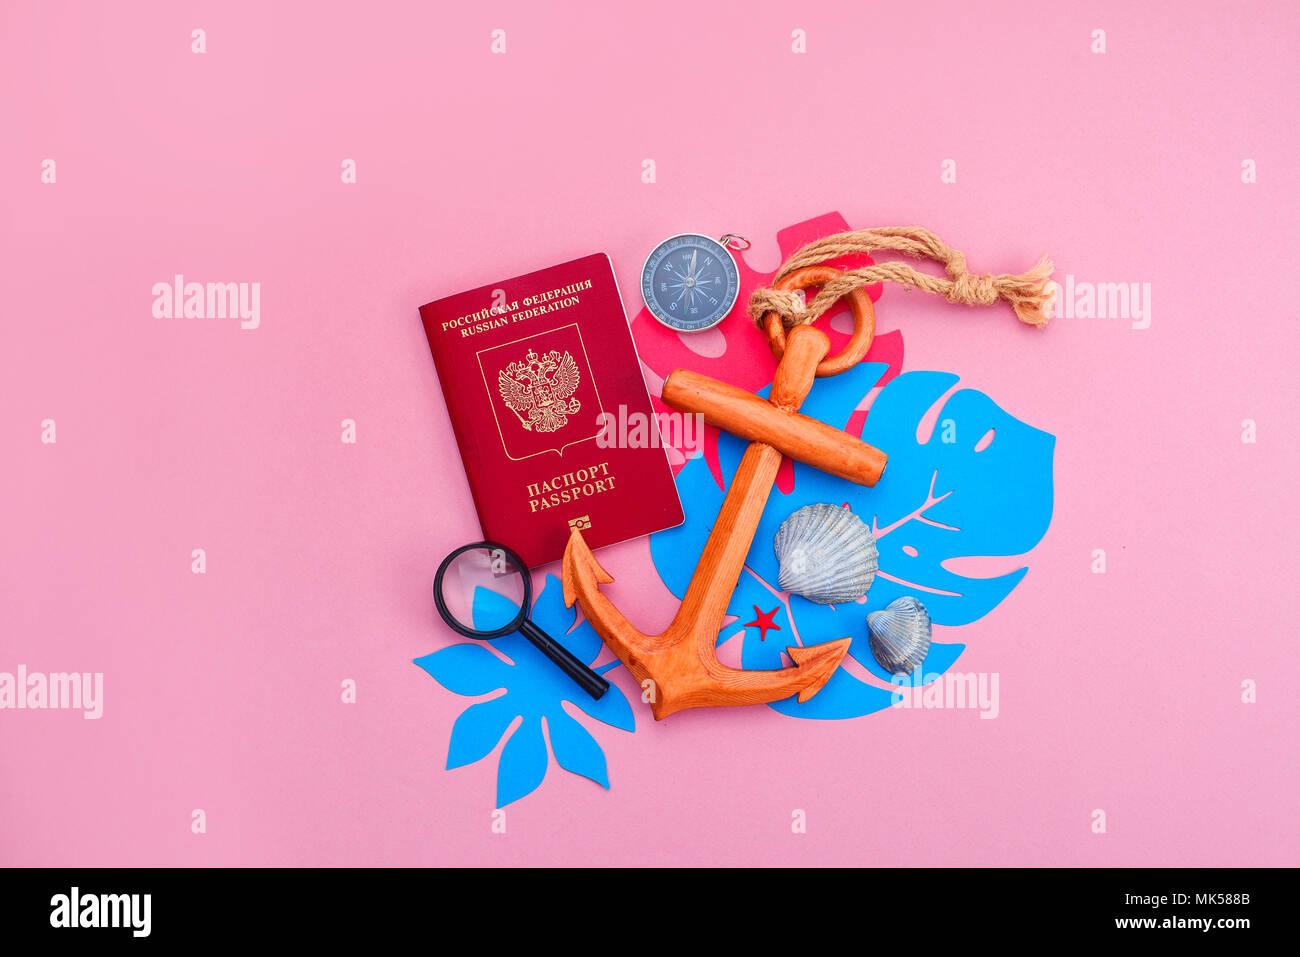 Bunte Reise und Konzept auf einem hellen Rosa Hintergrund. Tropische Blätter, Holz- Anker, Reisepass, Kompass und Muscheln mit kopieren. Stockbild